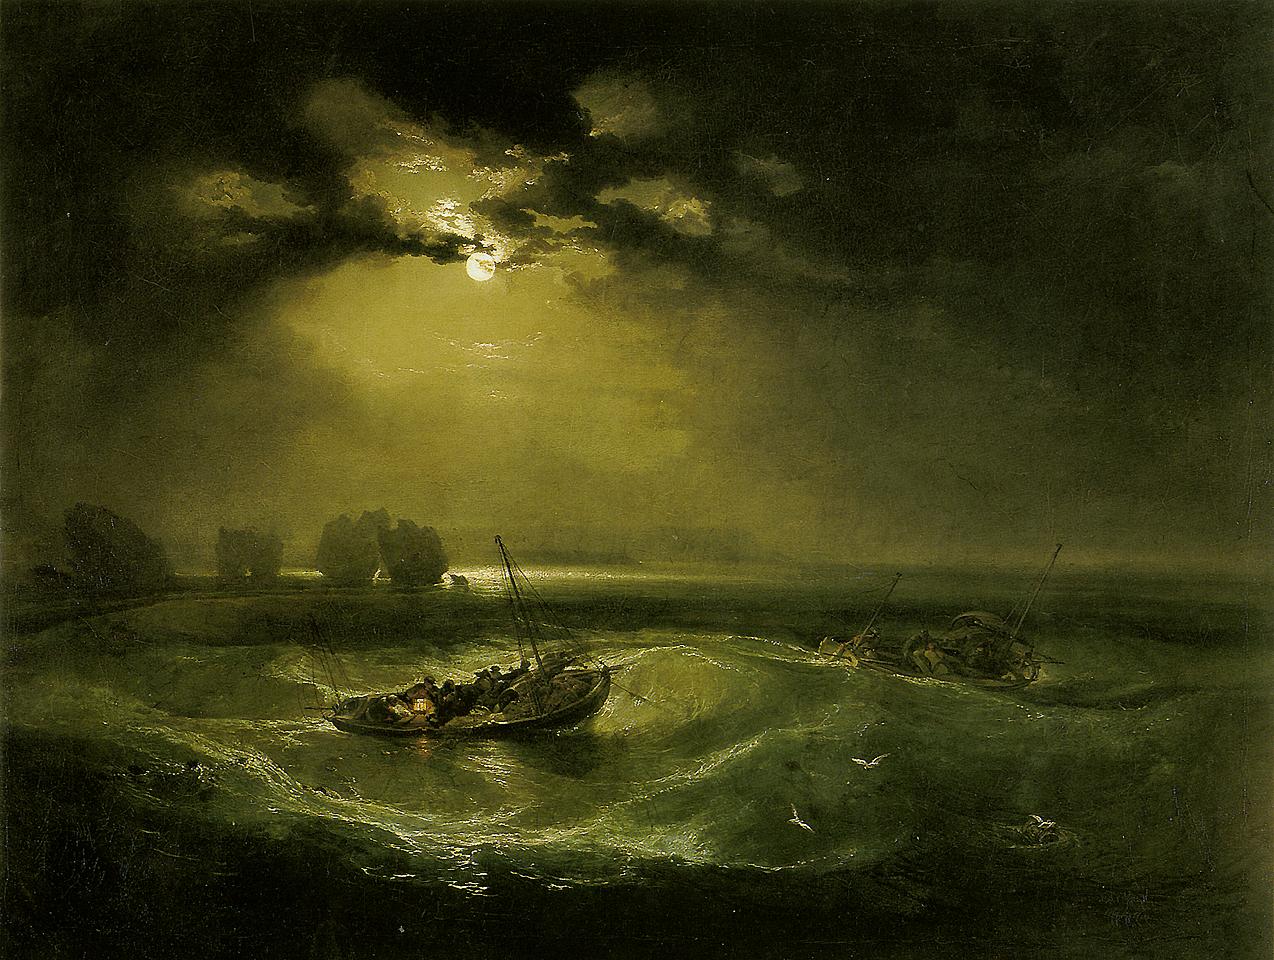 Człowiek i morze (Baudelaire, przekł. Ostrowska)